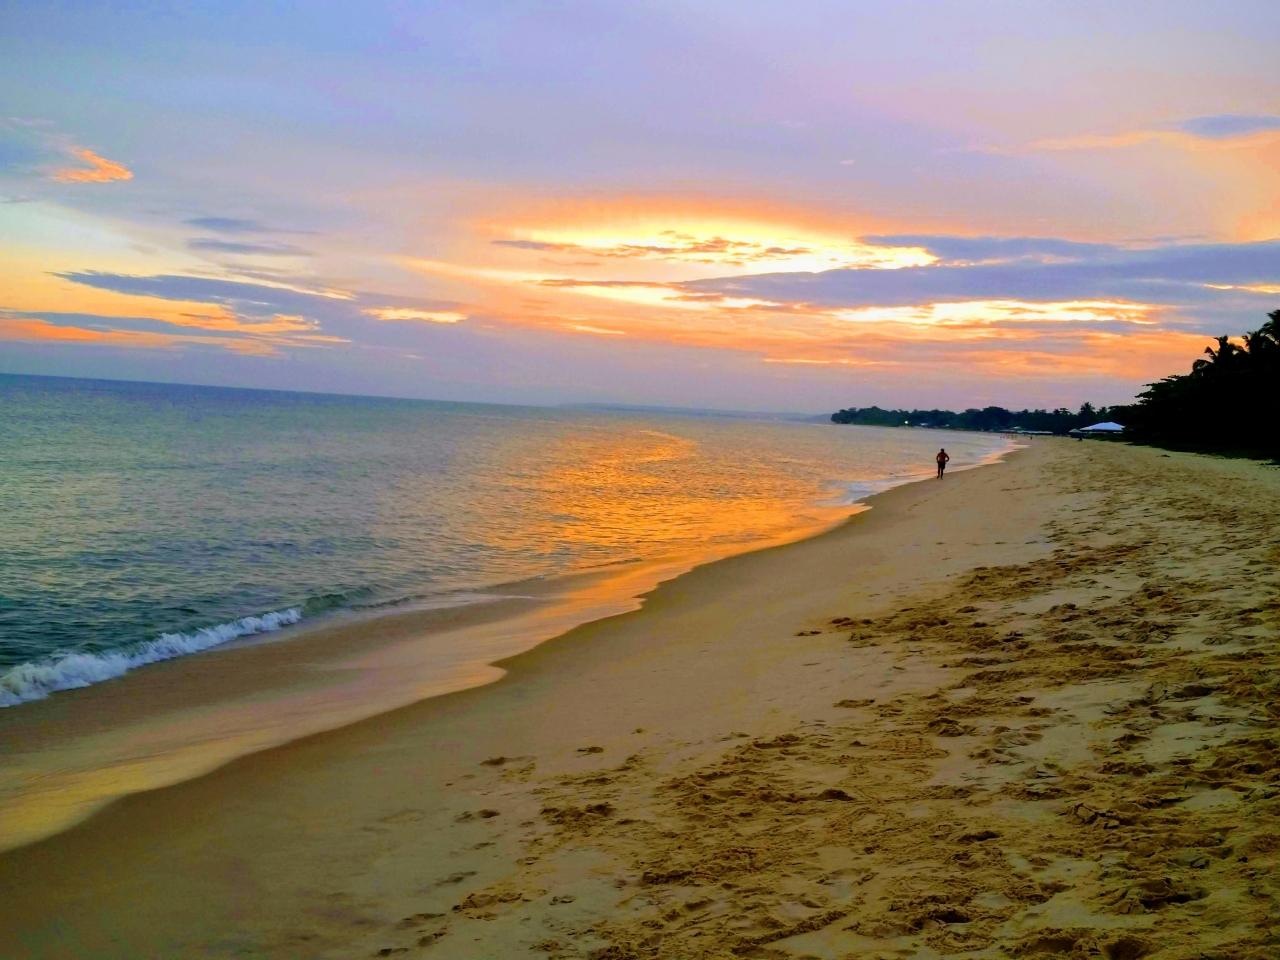 Playa de Porto Seguro - 1280x960